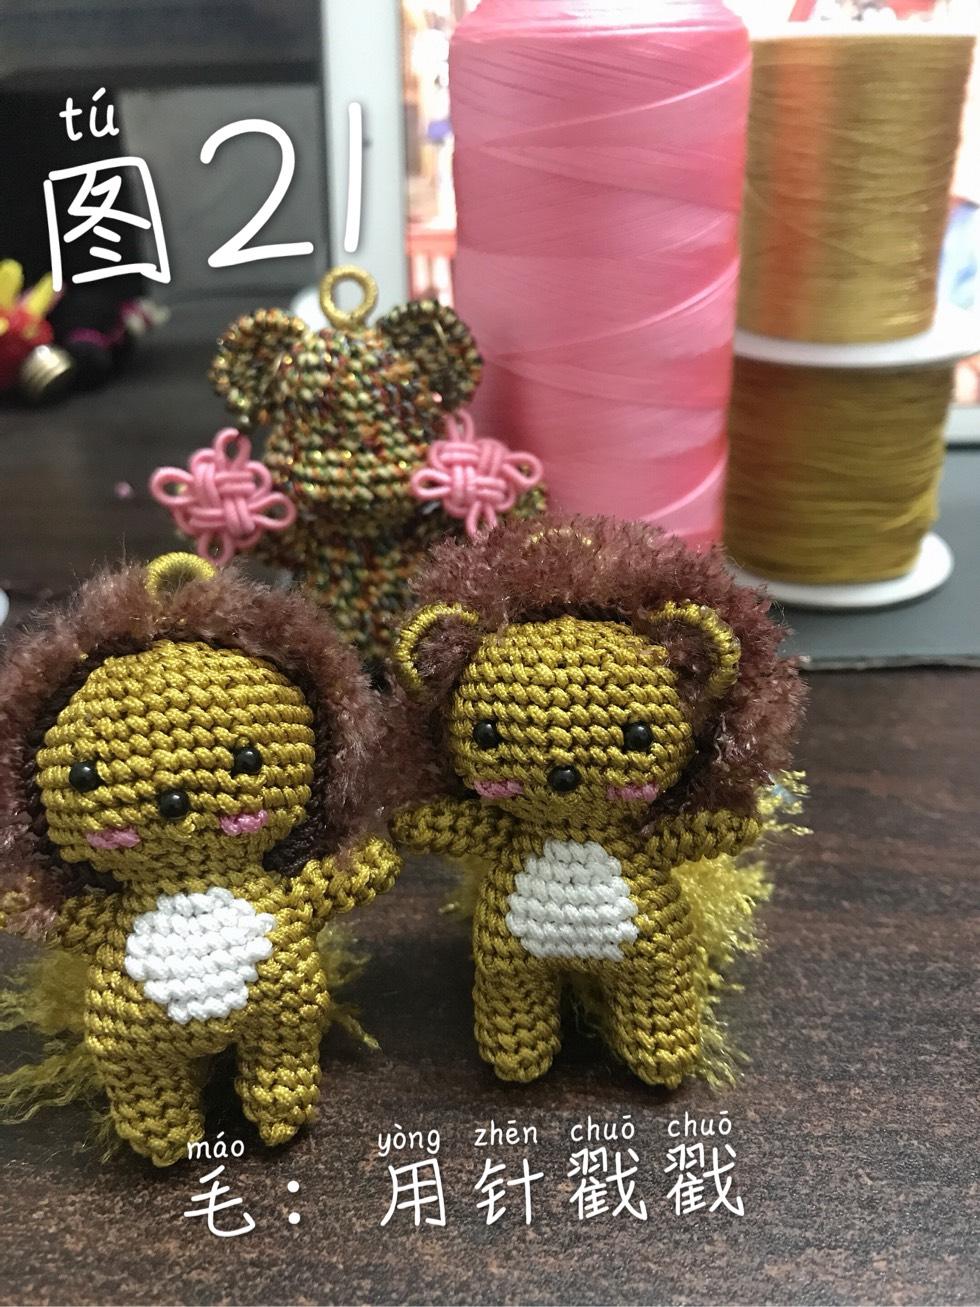 中国结论坛 嗷呜嗷呜的大狮子  图文教程区 193651hd8db0keftn78d3k